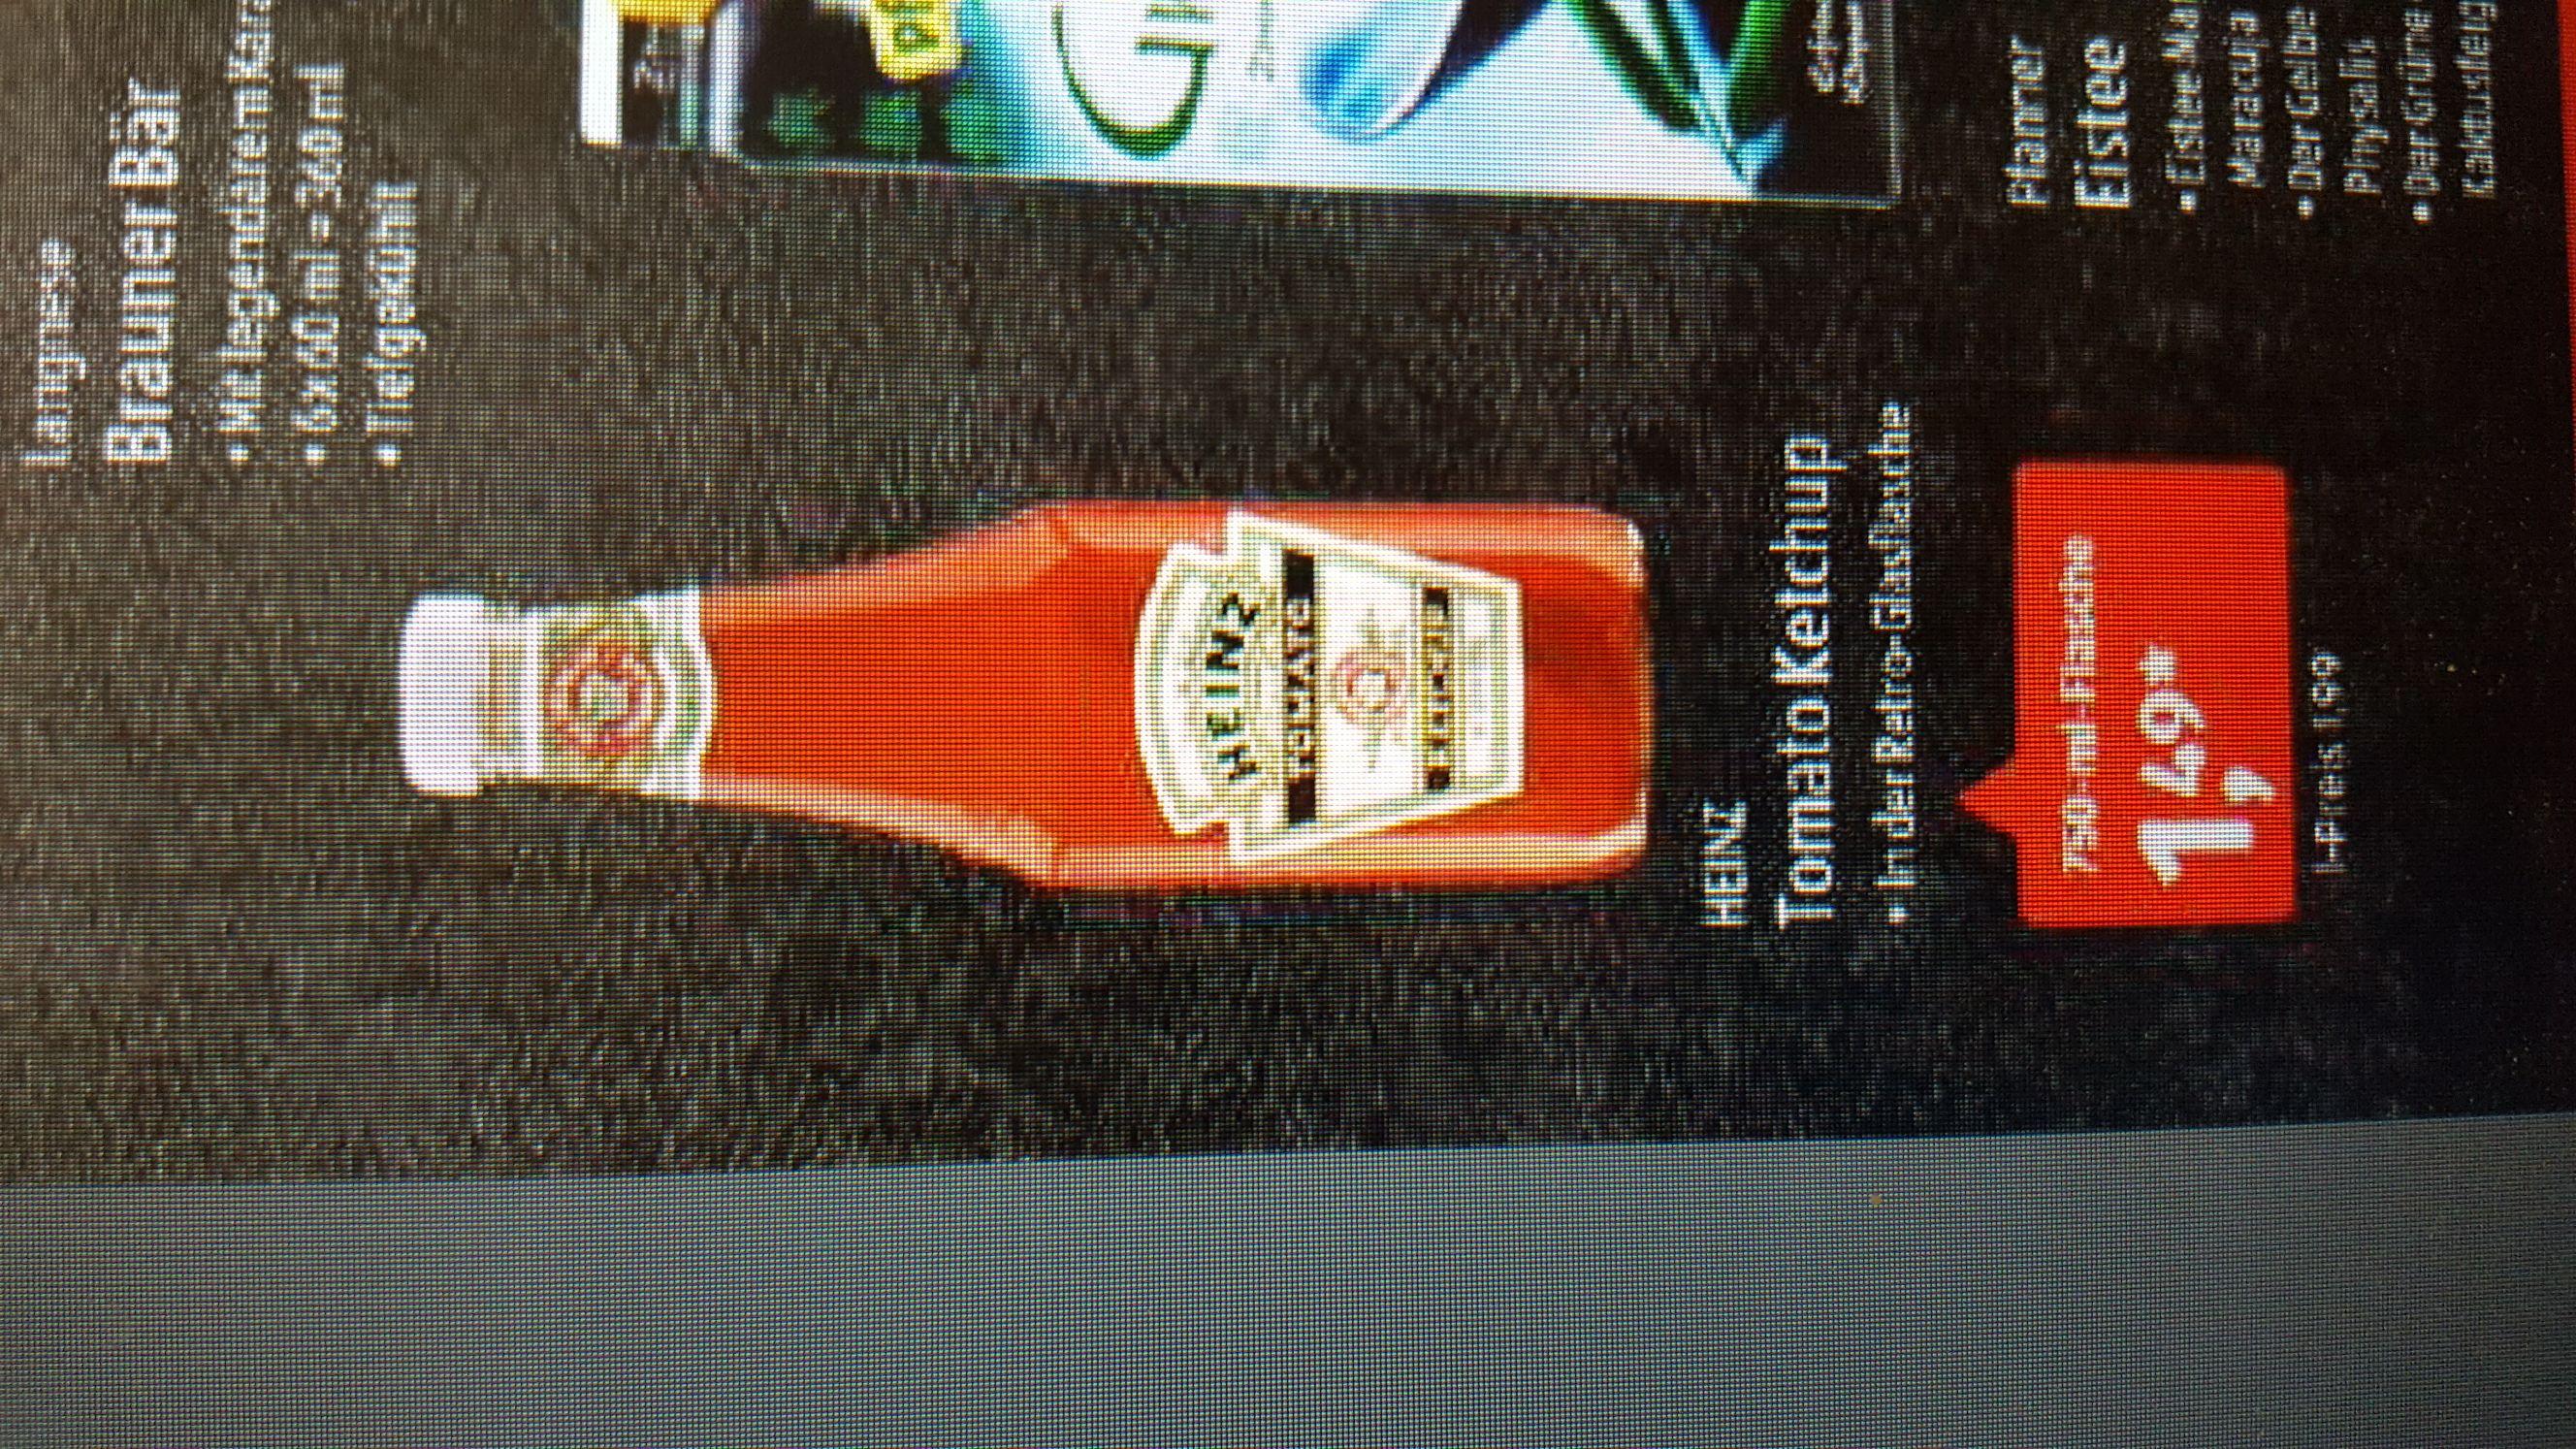 [Aldi Süd] 750 ml Heinz Tomaten Ketchup für